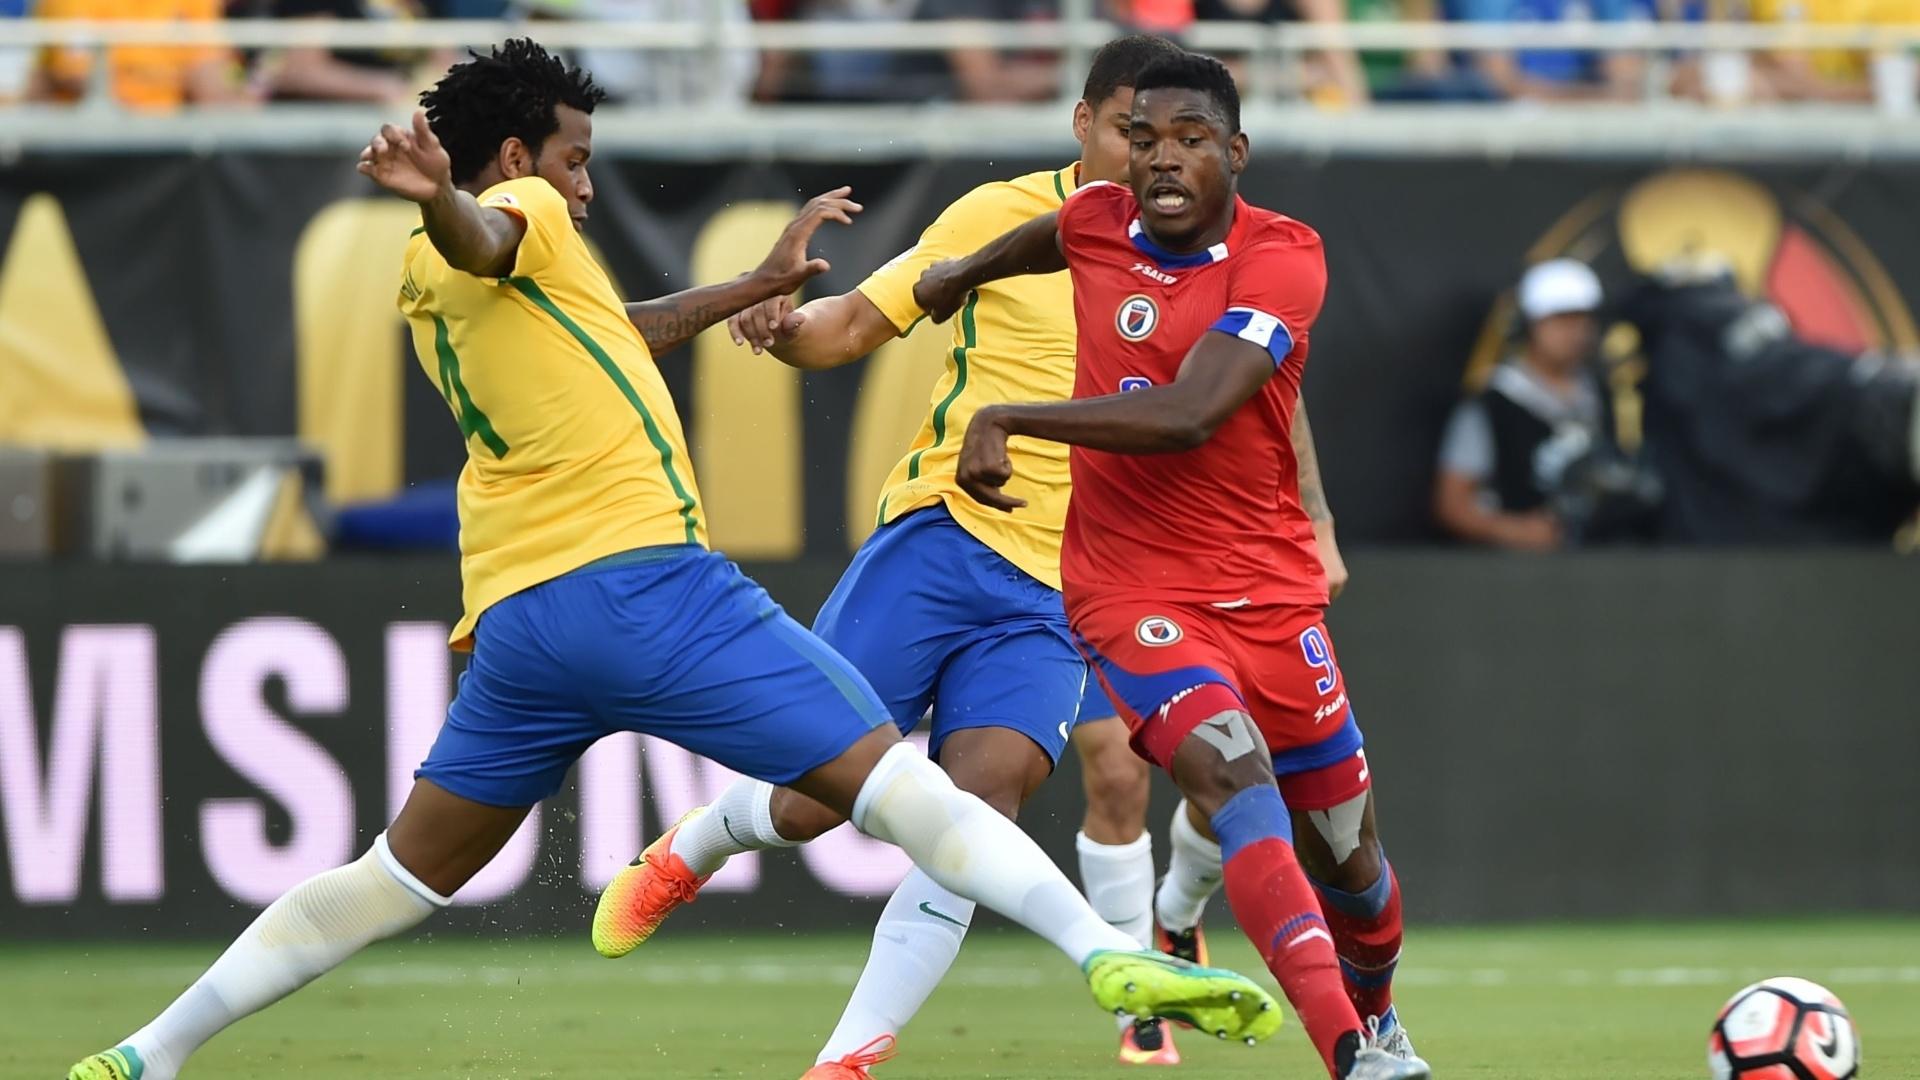 Gil tenta o desarme em Kervens Belfort no jogo Brasil x Haiti pela Copa América Centenário